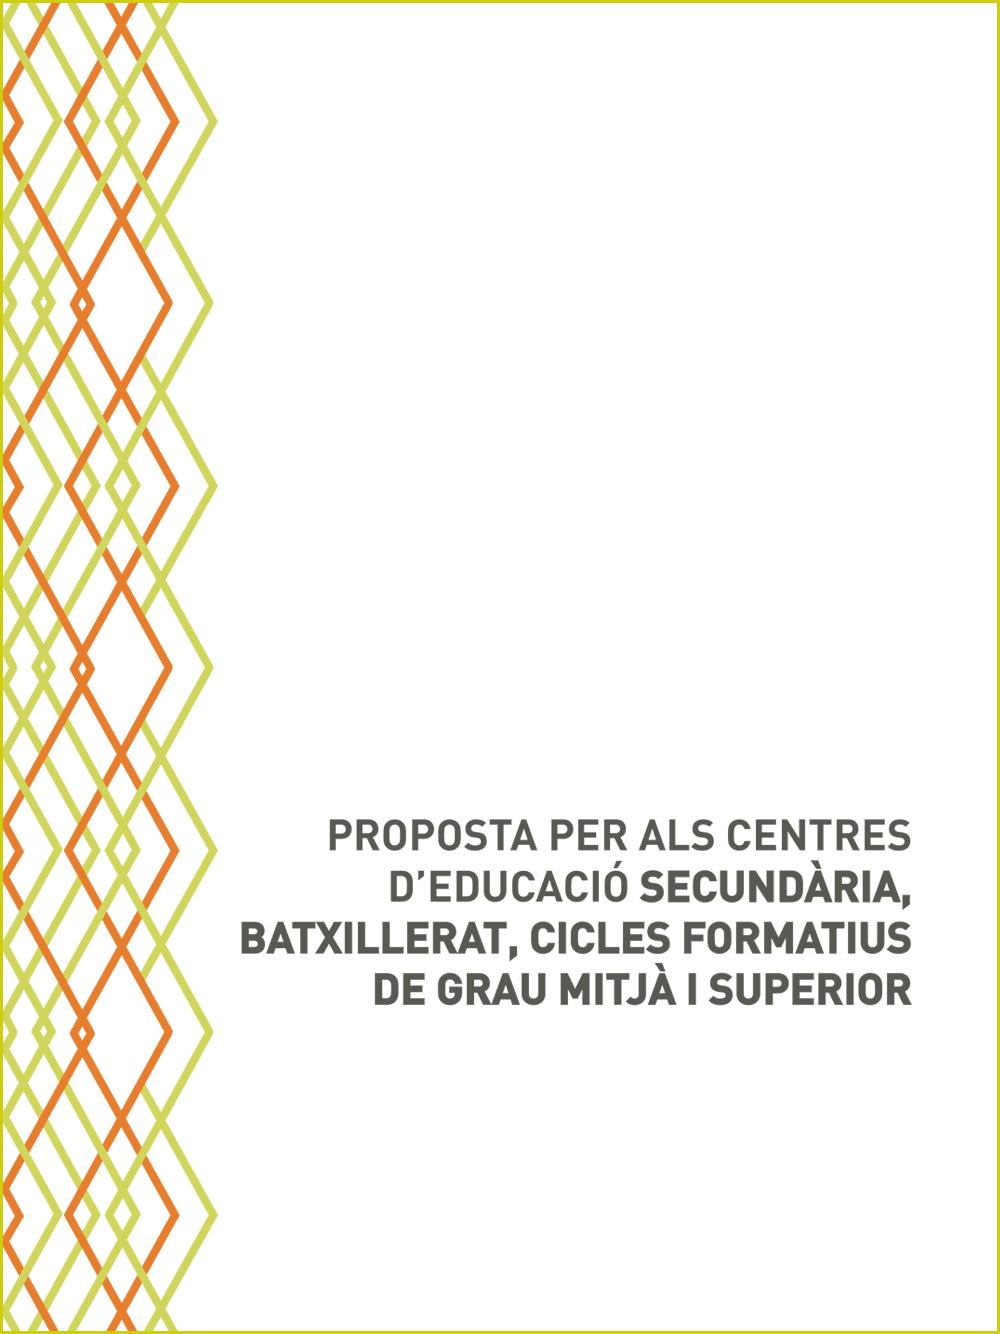 Catàleg de formacions per a centres educatius